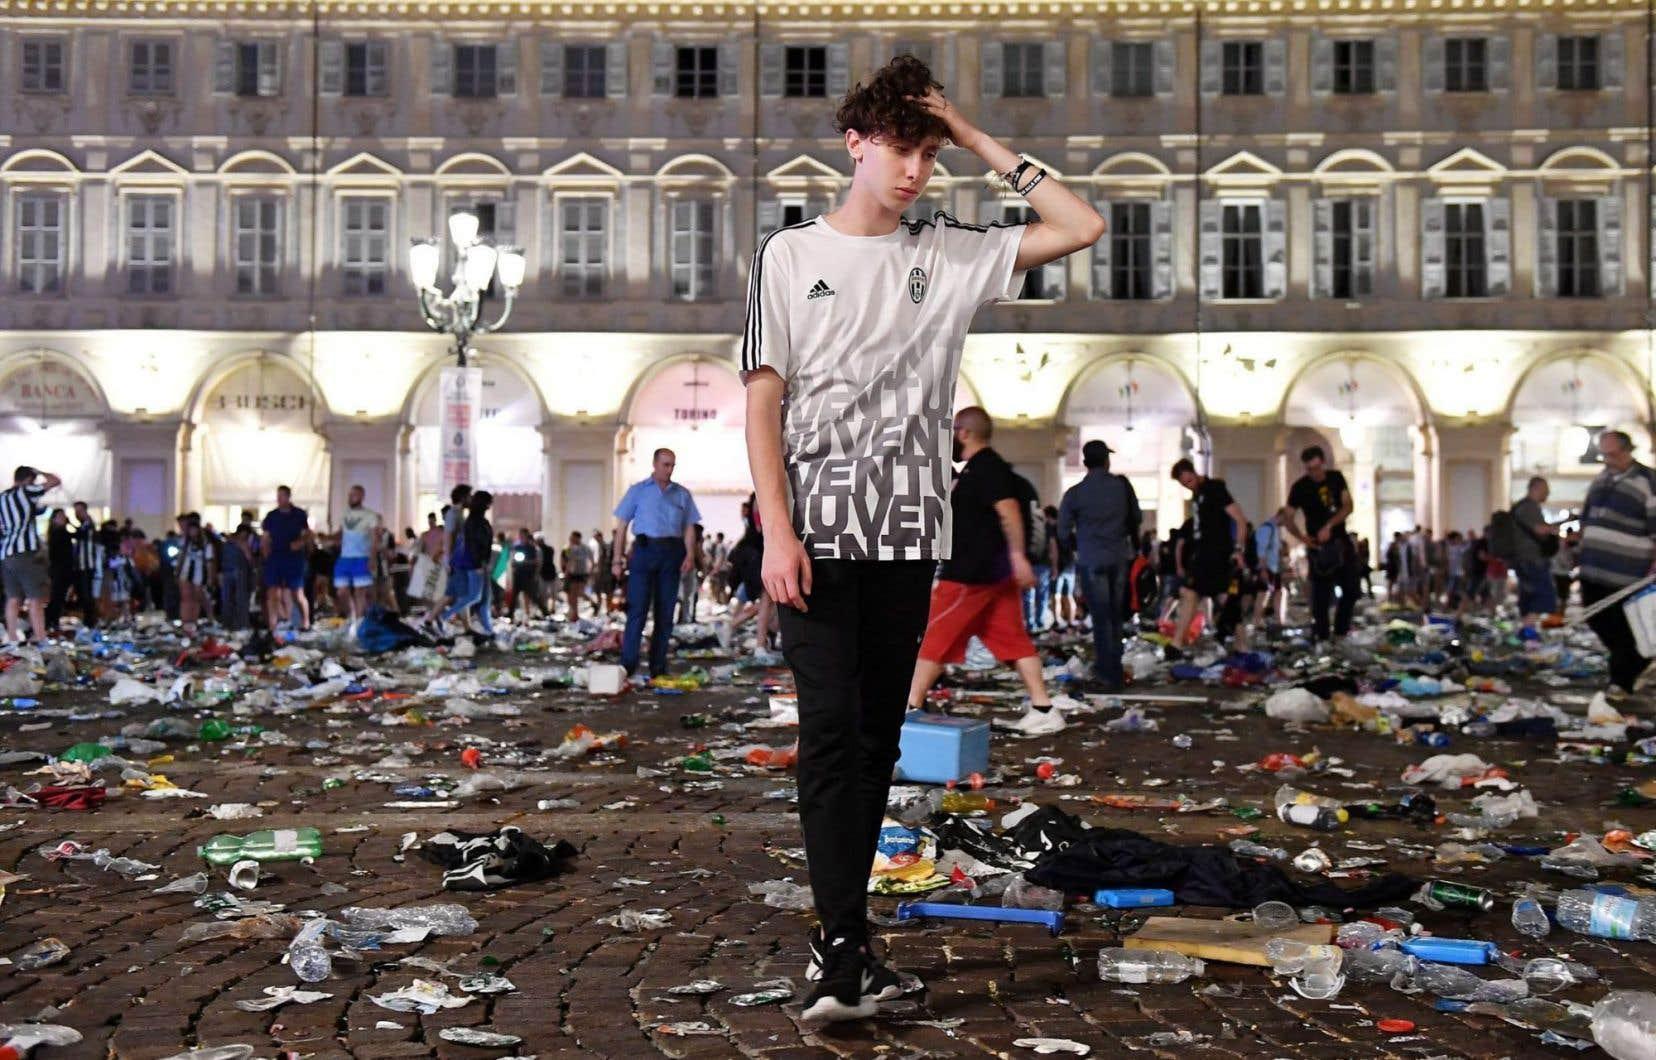 L'explosion de feux d'artifice suivie de rumeurs de bombe a provoqué la panique sur la grande place San Carlo, dans le centre de Turin, pendant la finale de la Ligue des champion de football.